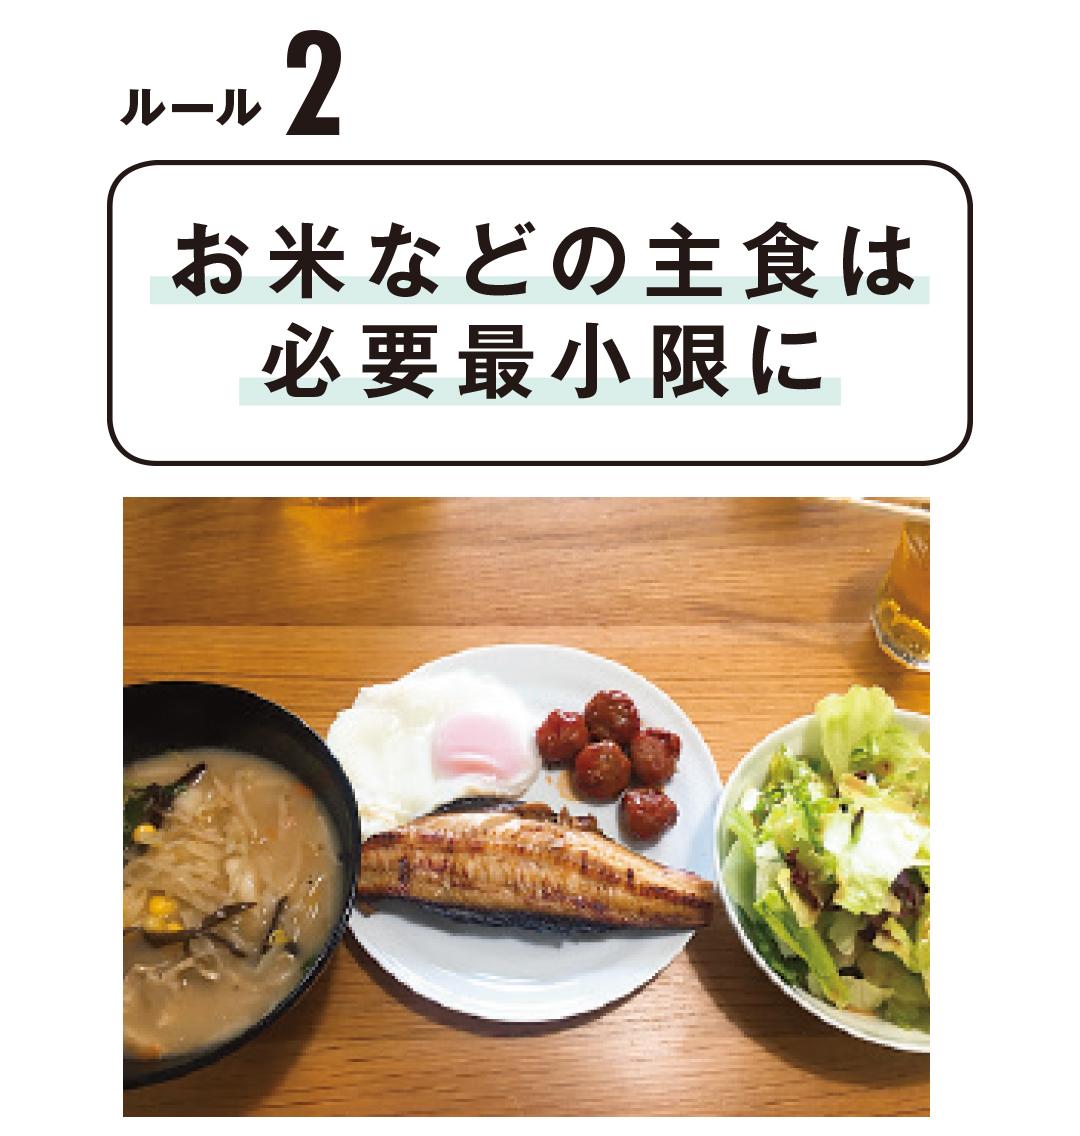 食べ物で痩せたい人必見! 専属読モ・細野ゆうかさんが-3.6kgを達成した6つのルール_1_2-2